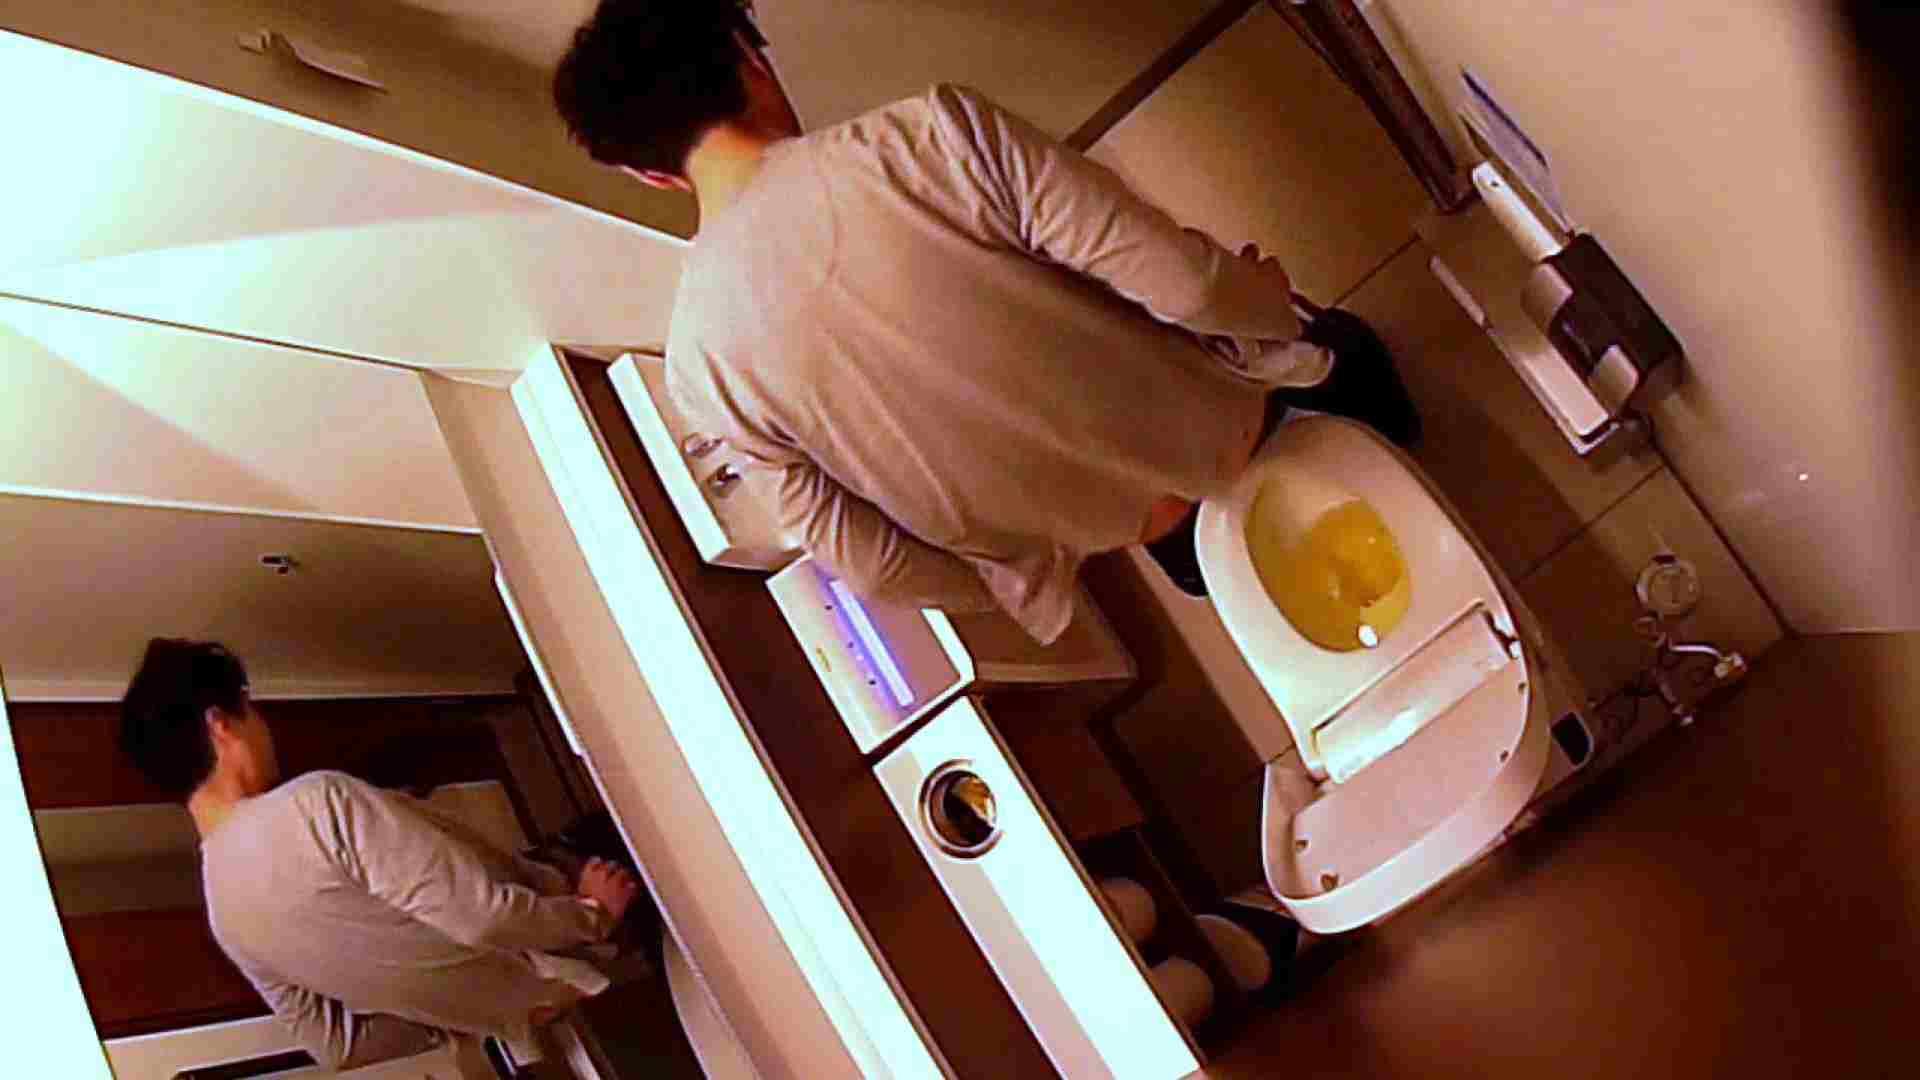 すみませんが覗かせてください Vol.26 排尿 | 0  12画像 3